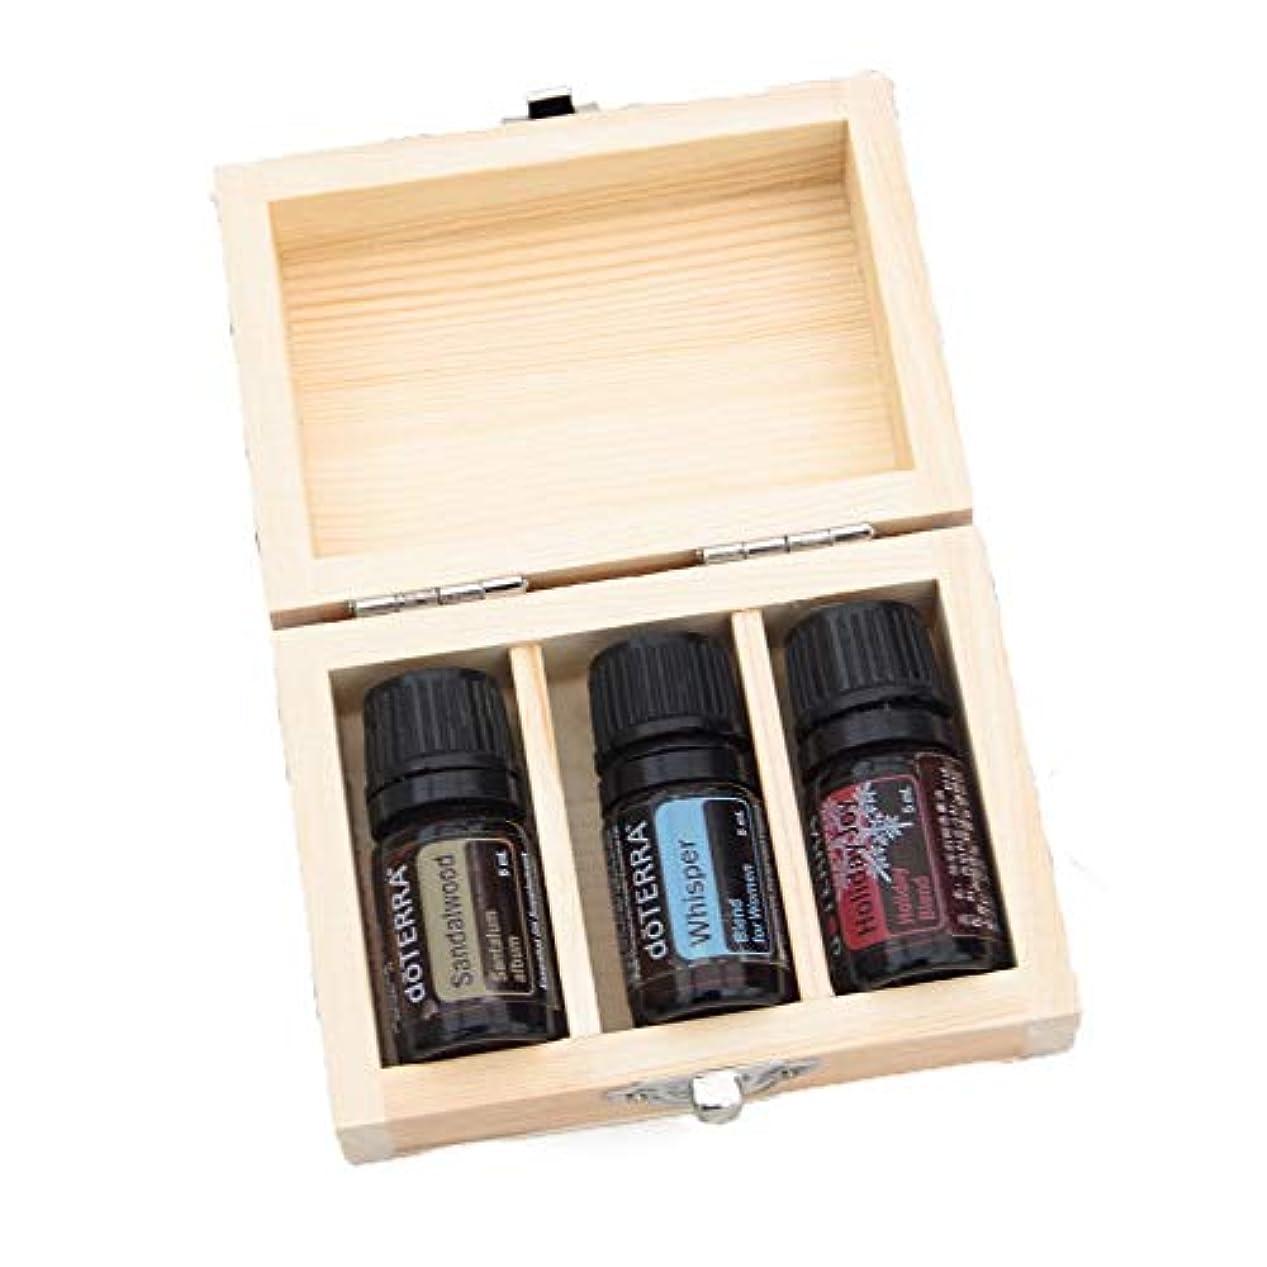 水銀の協同贅沢なエッセンシャルオイル収納ボックス 木製のエッセンシャルオイルボックスケースオーガナイザーは3本の5ミリリットル油のボトルを保持します (色 : Natural, サイズ : 10X7X4.1CM)